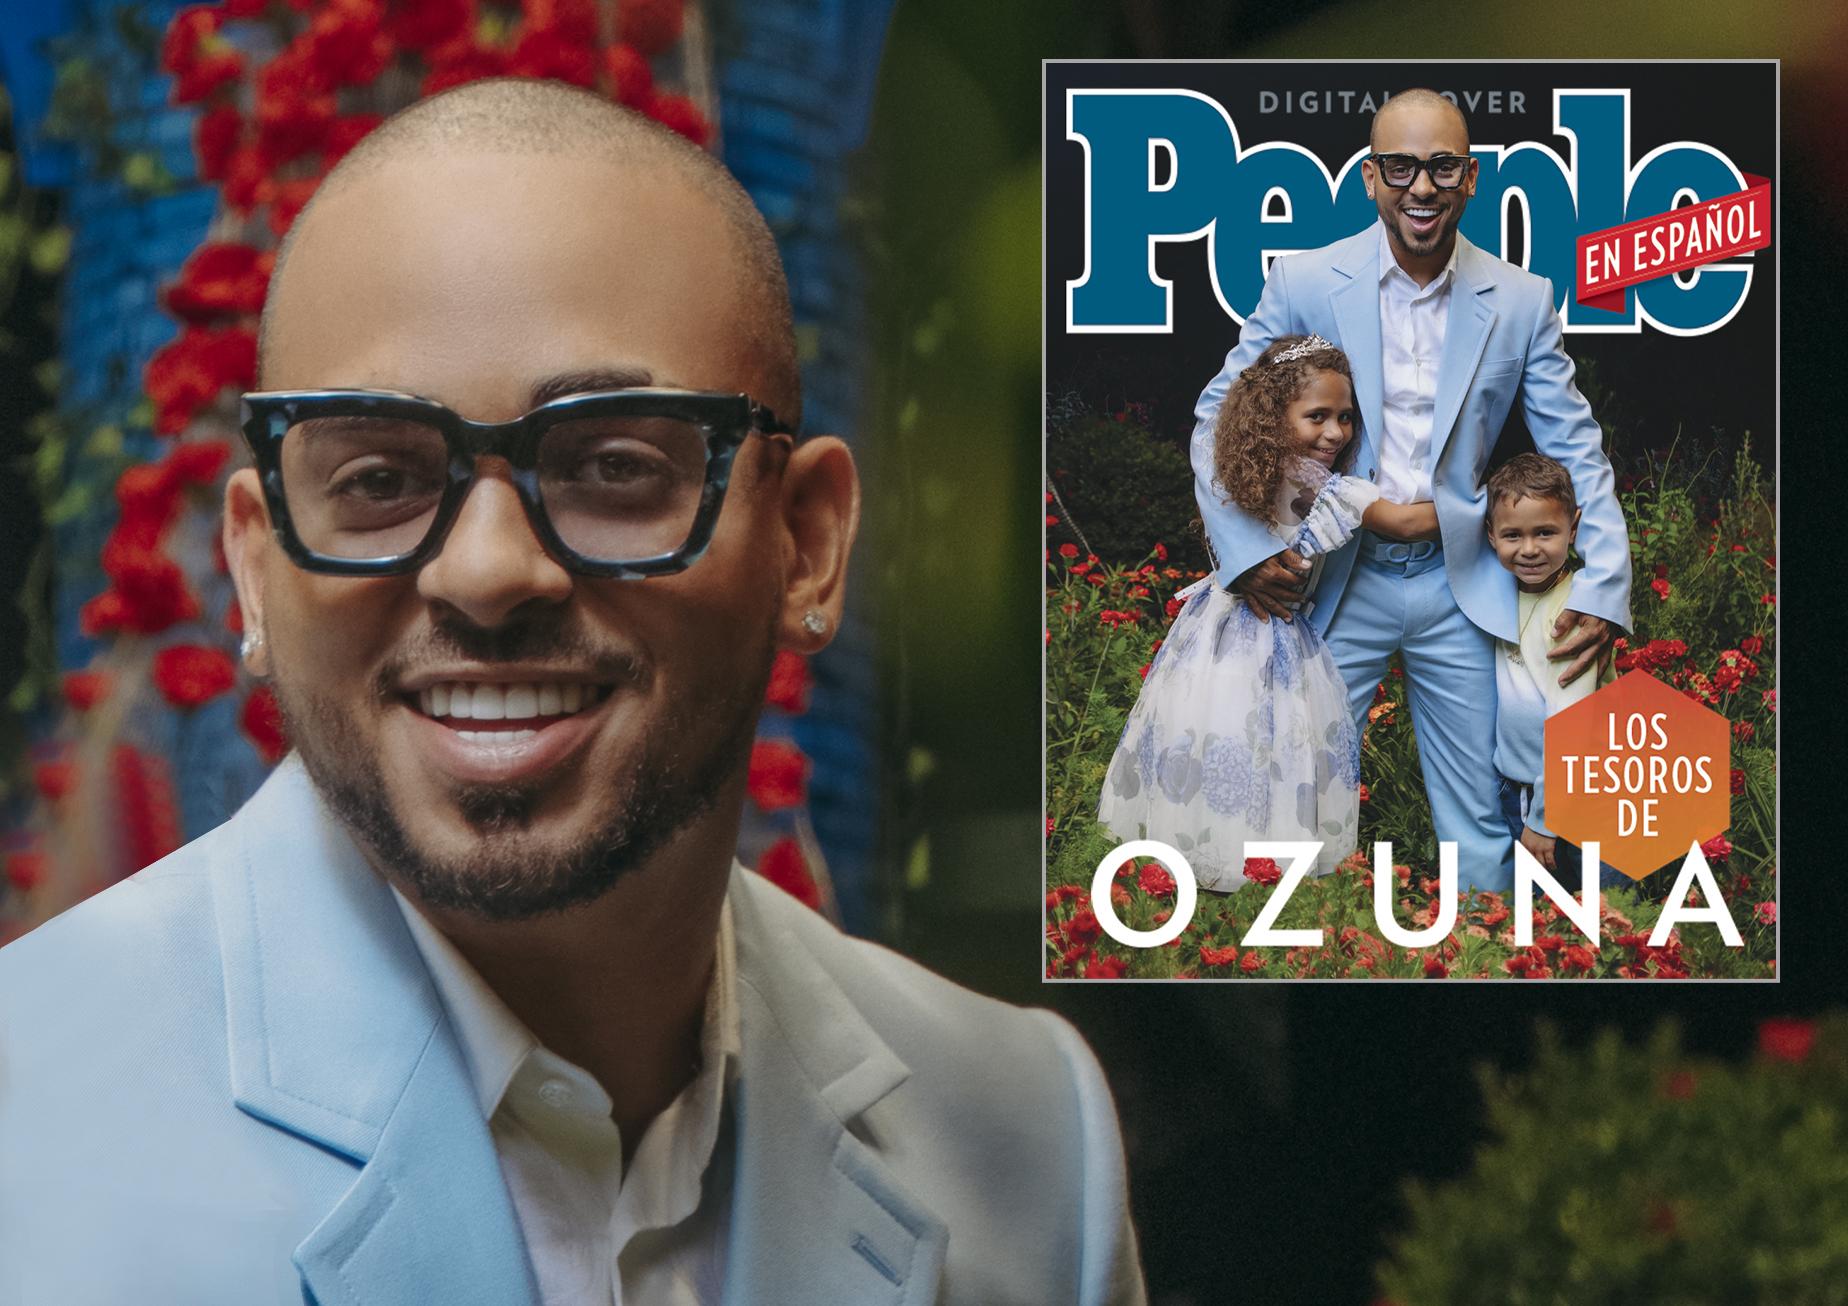 Ozuna Digital Cover - DO NOT REUSE